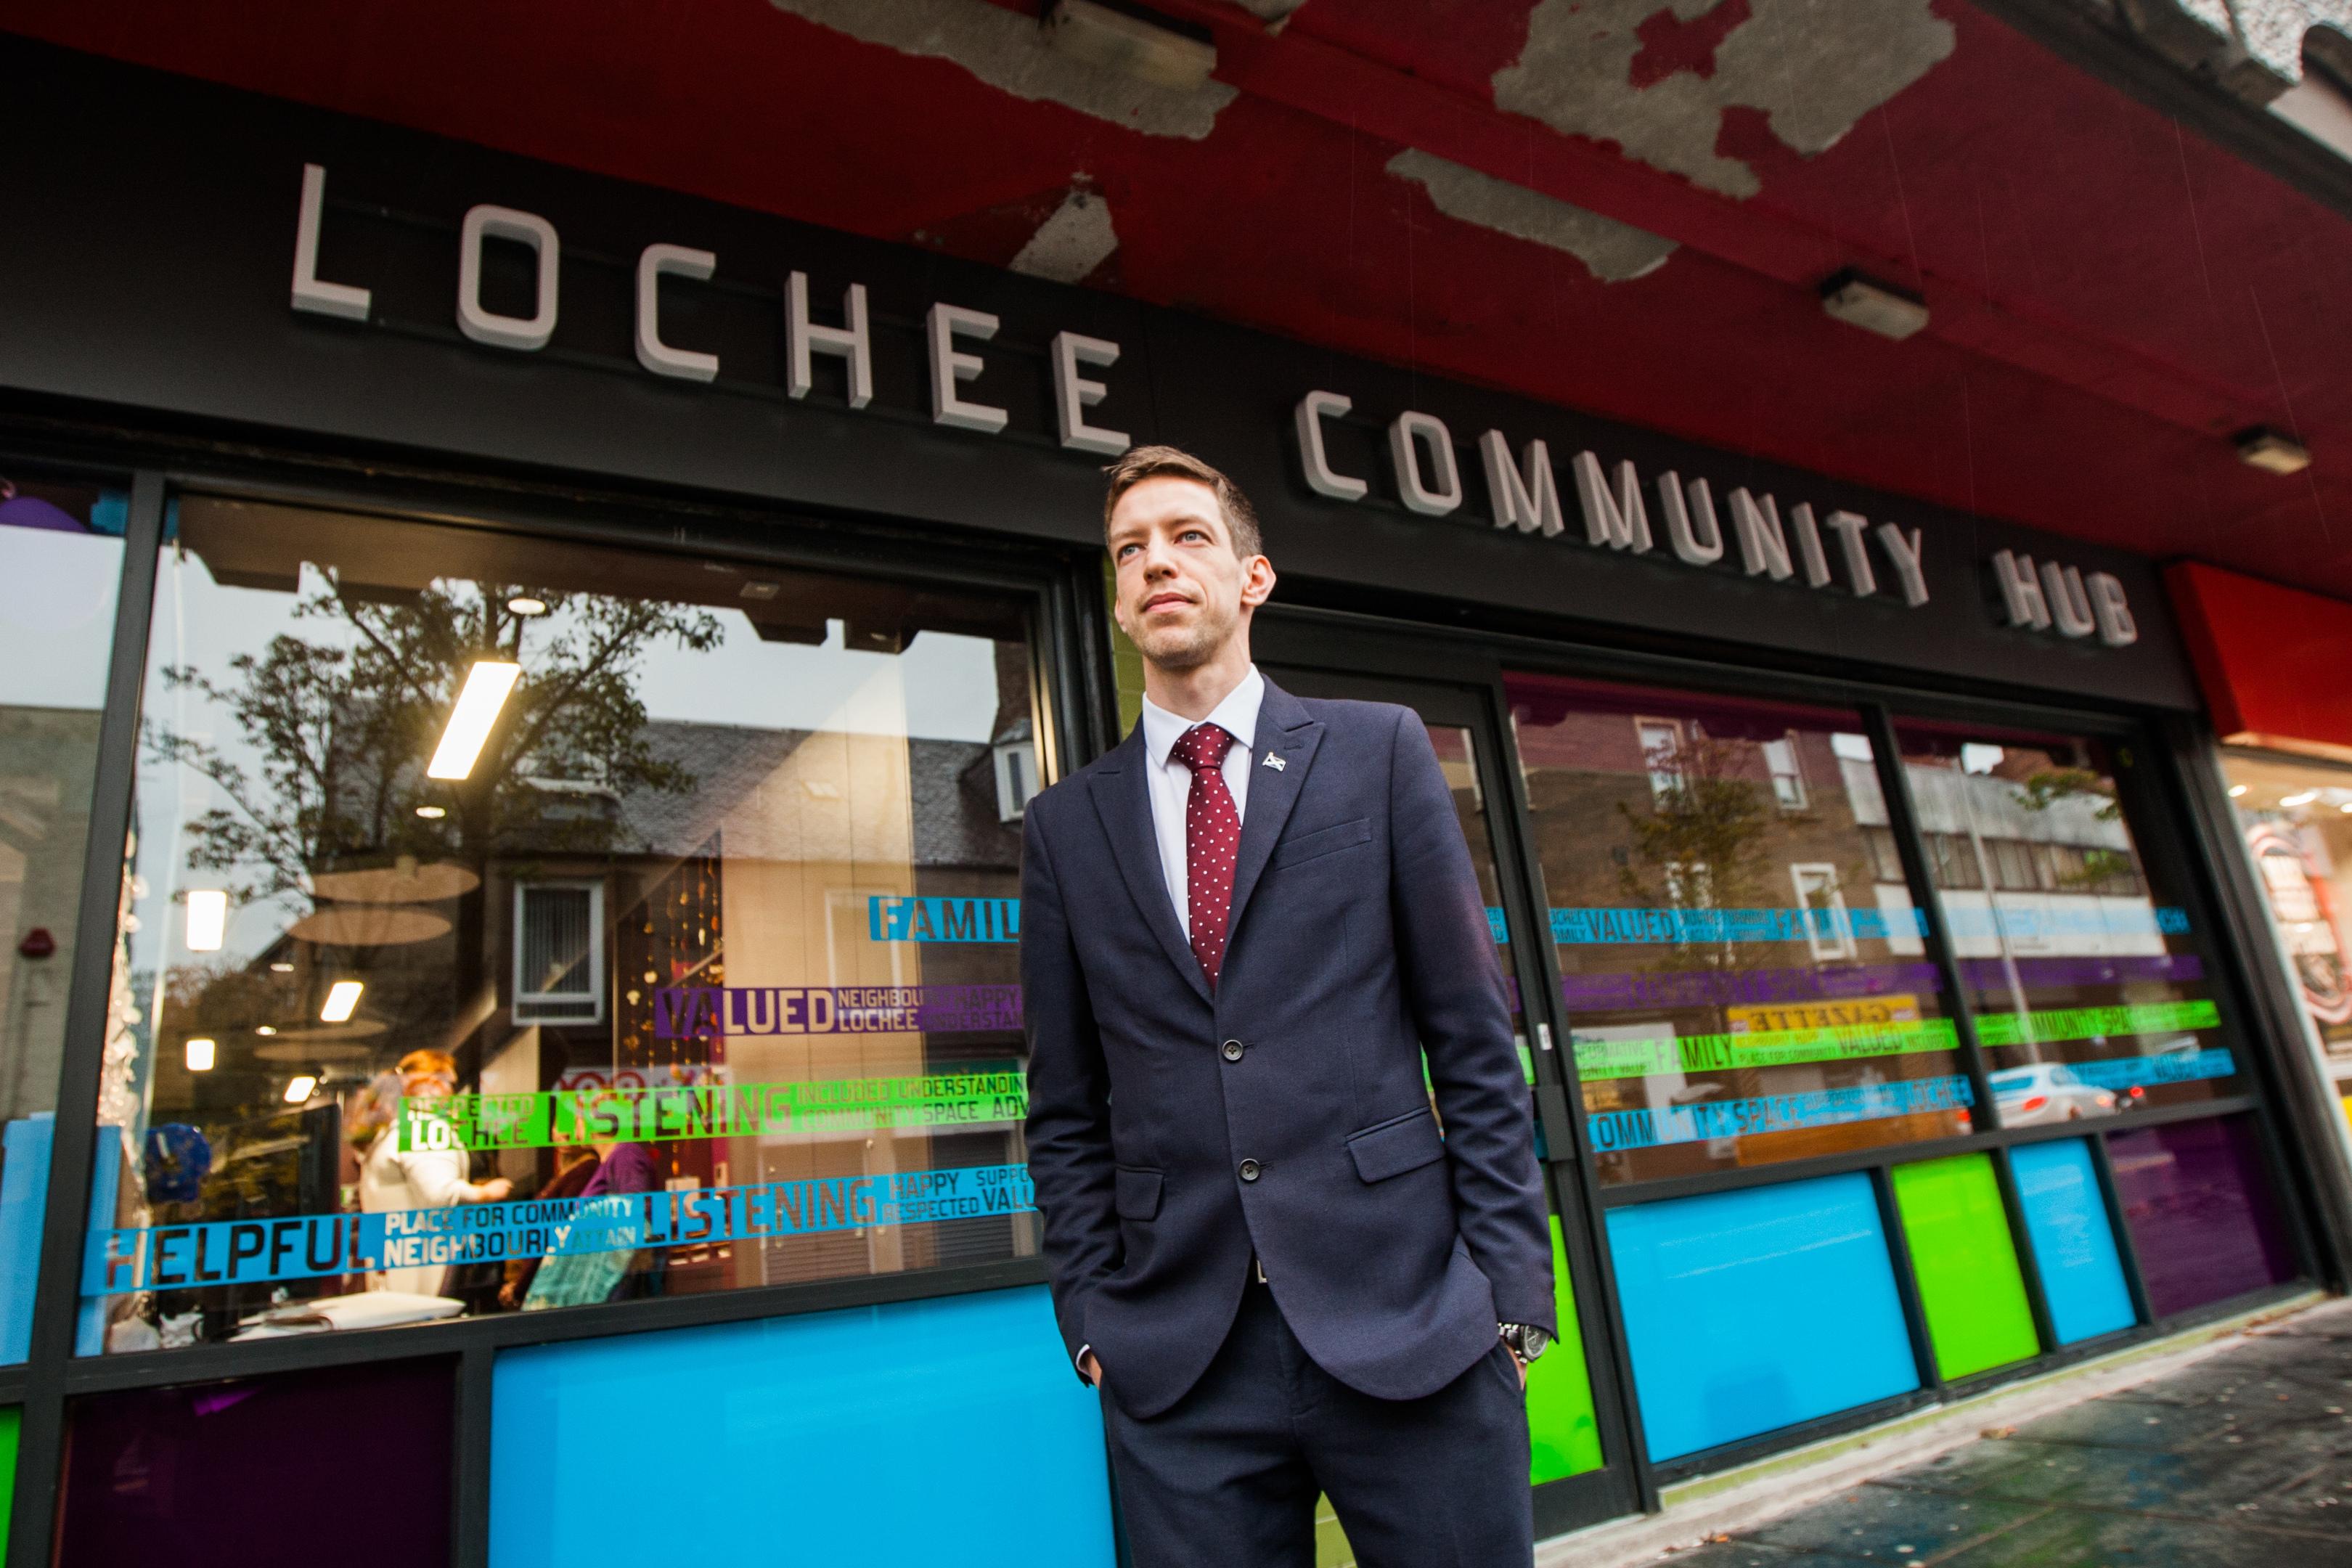 John Alexander at Lochee Community Hub